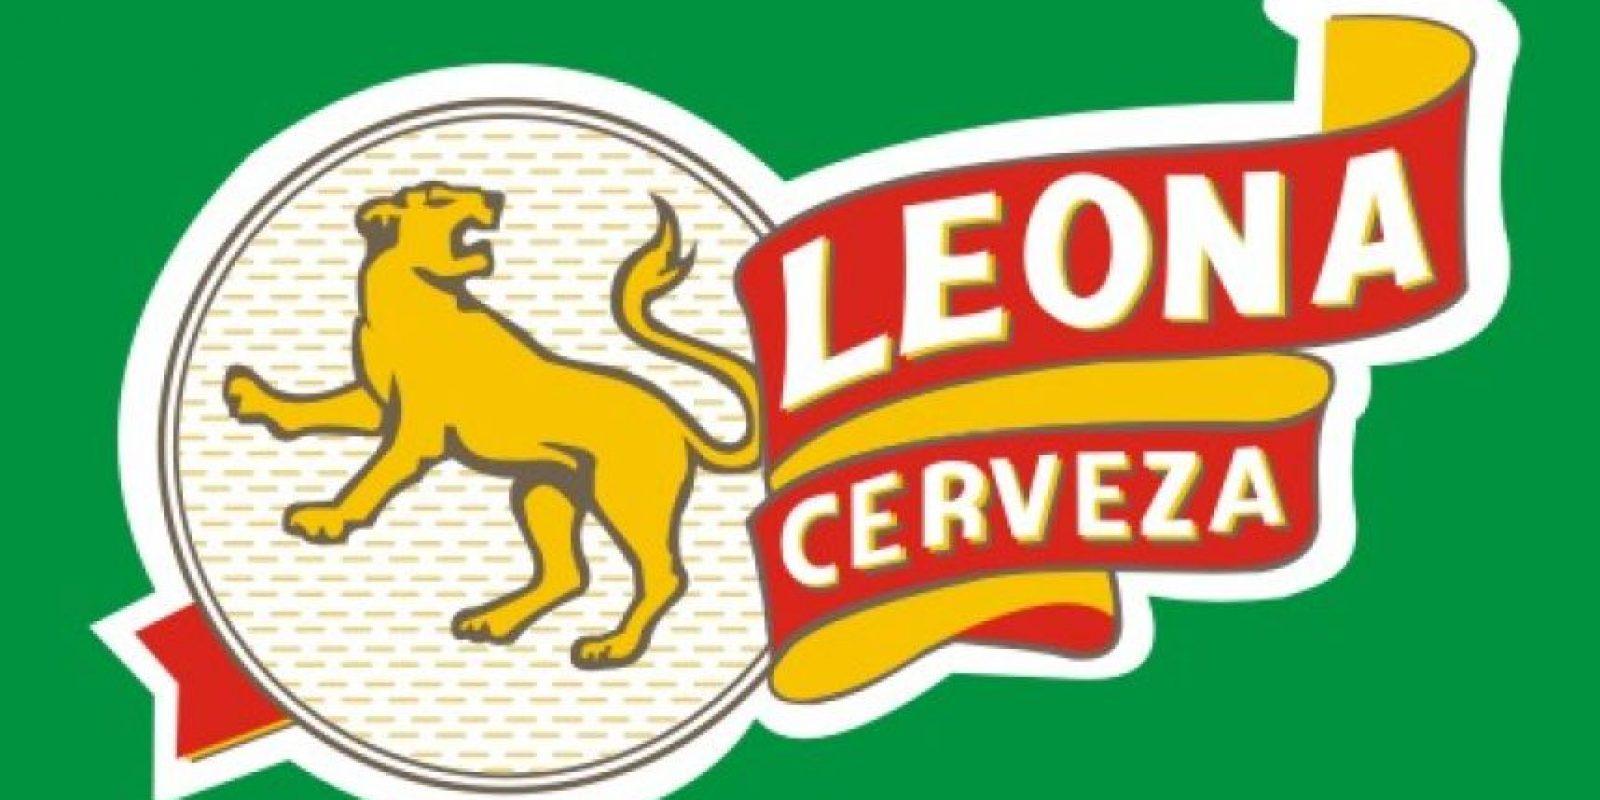 Además de la cerveza Leona, también estaba la Cachorra.